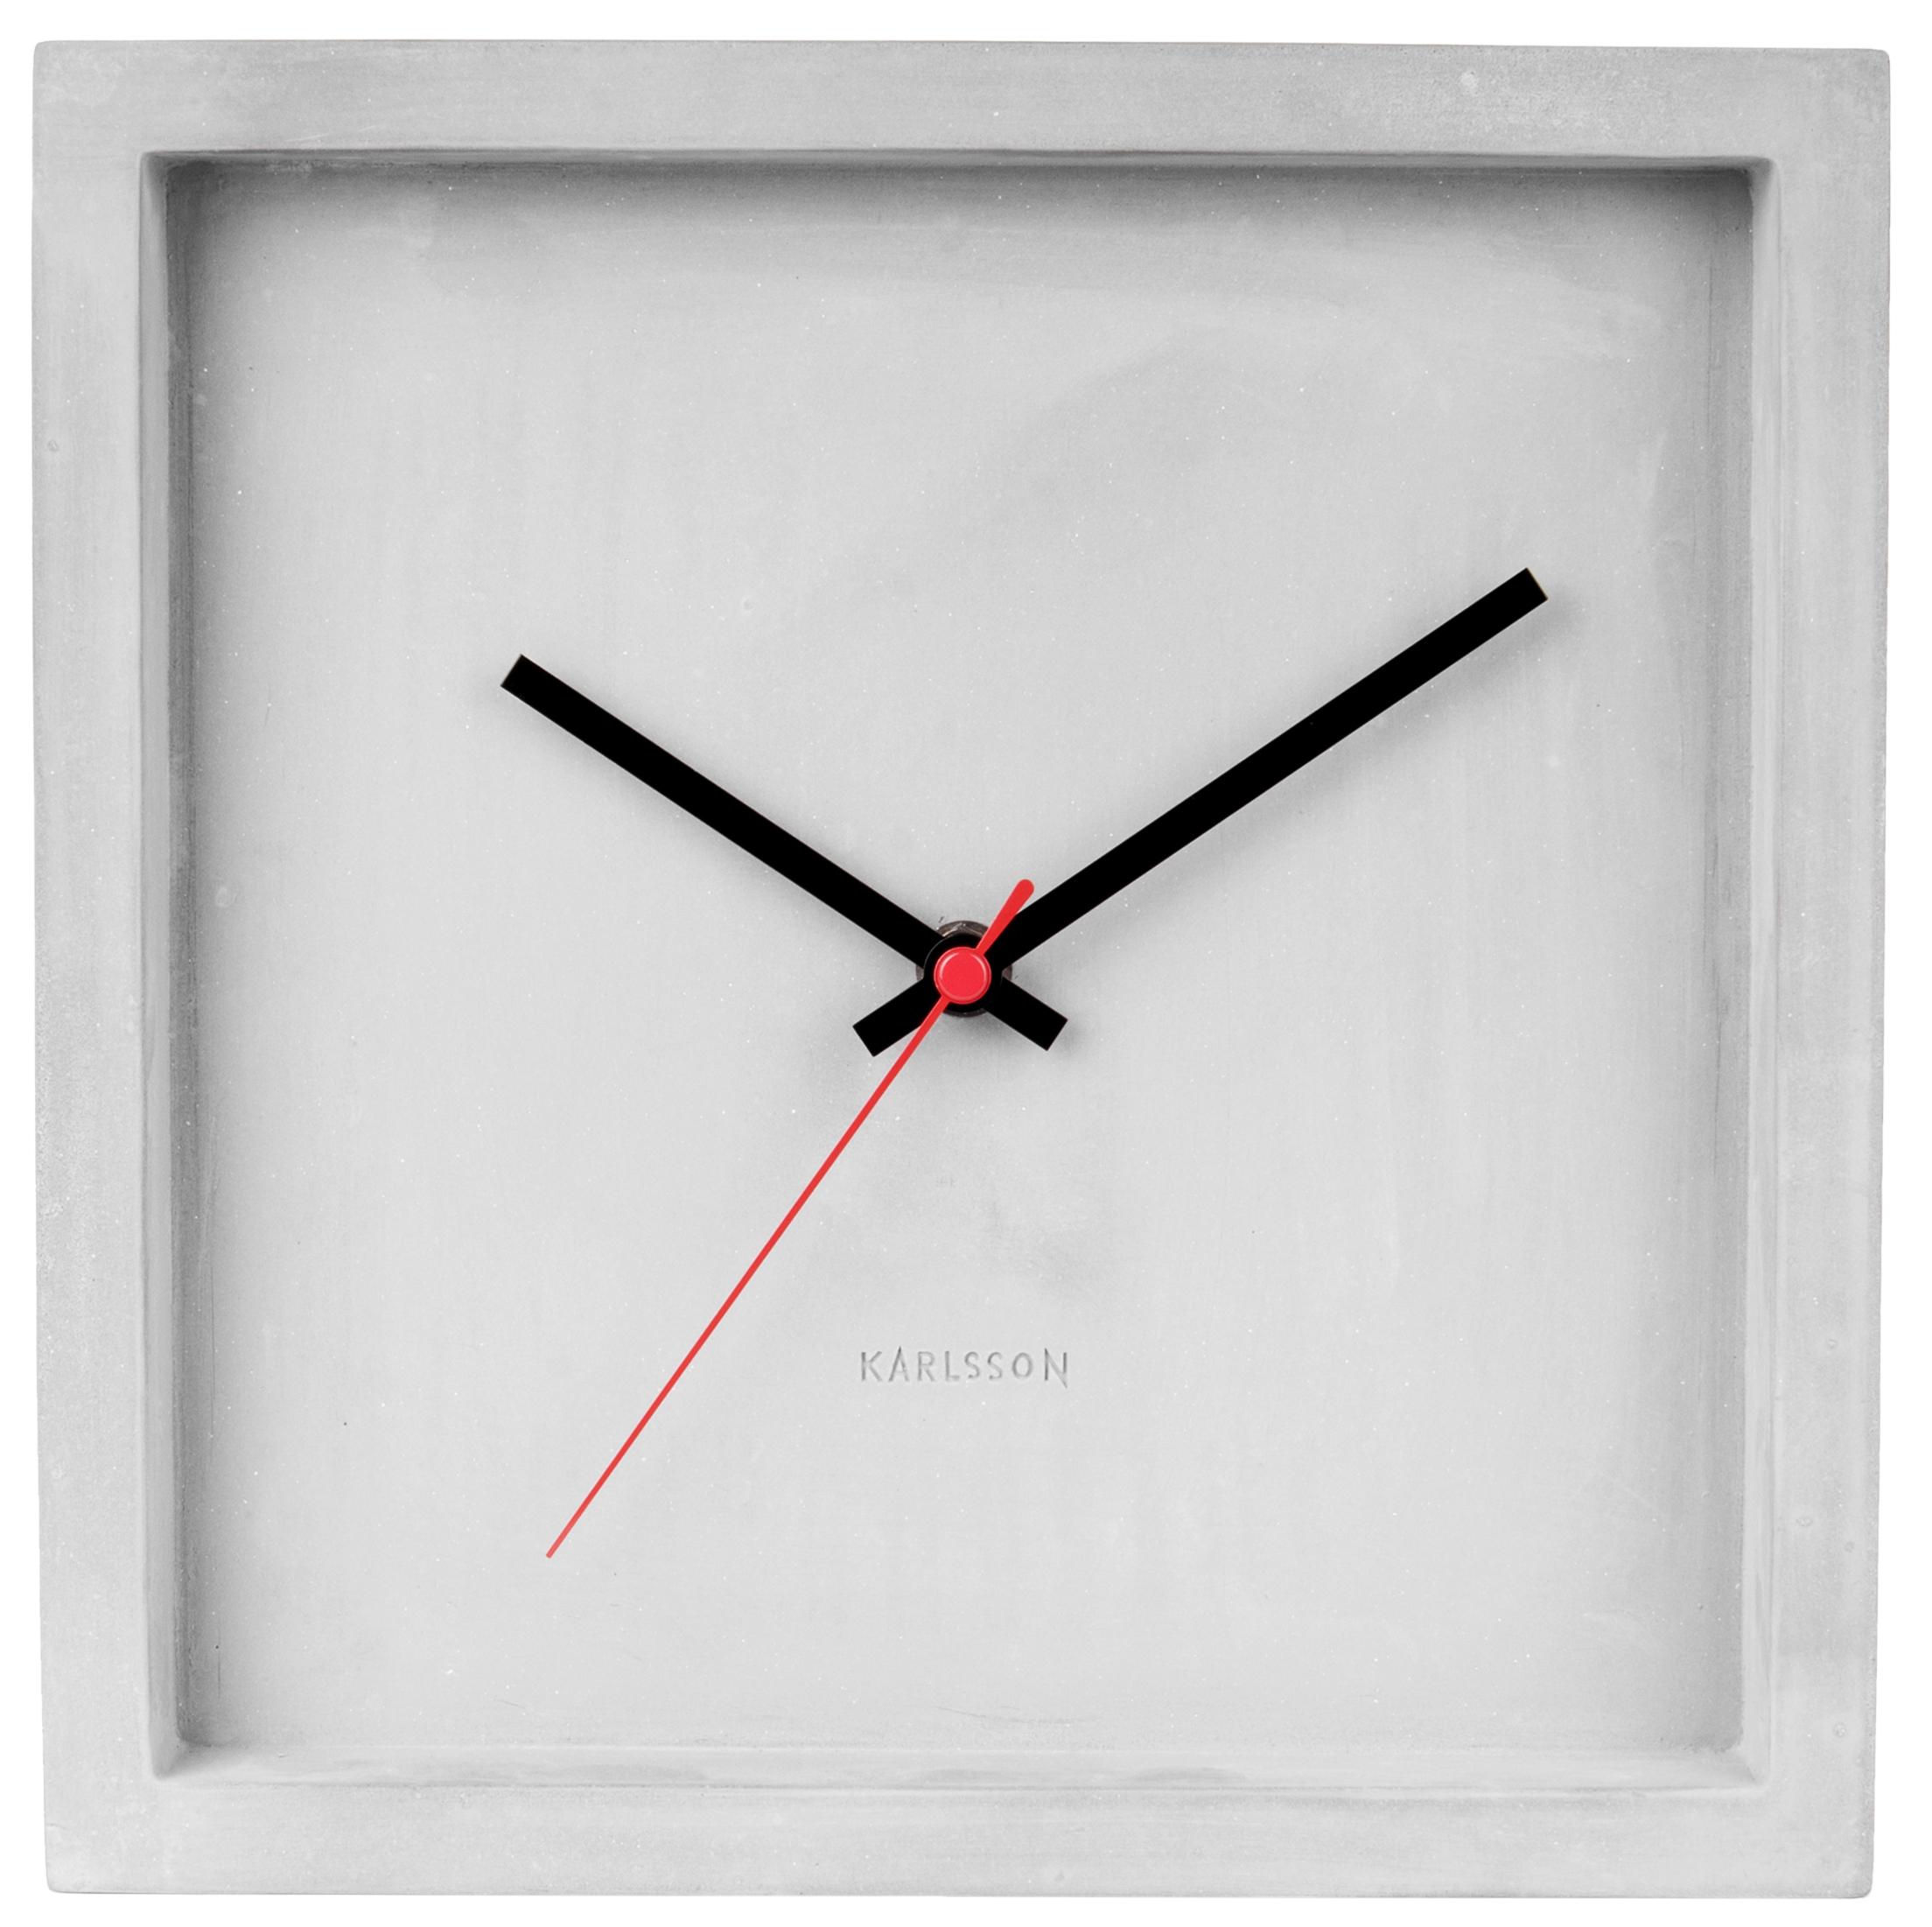 Karlsson Uhr karlsson shop marken shops wanduhren tischuhren wecker